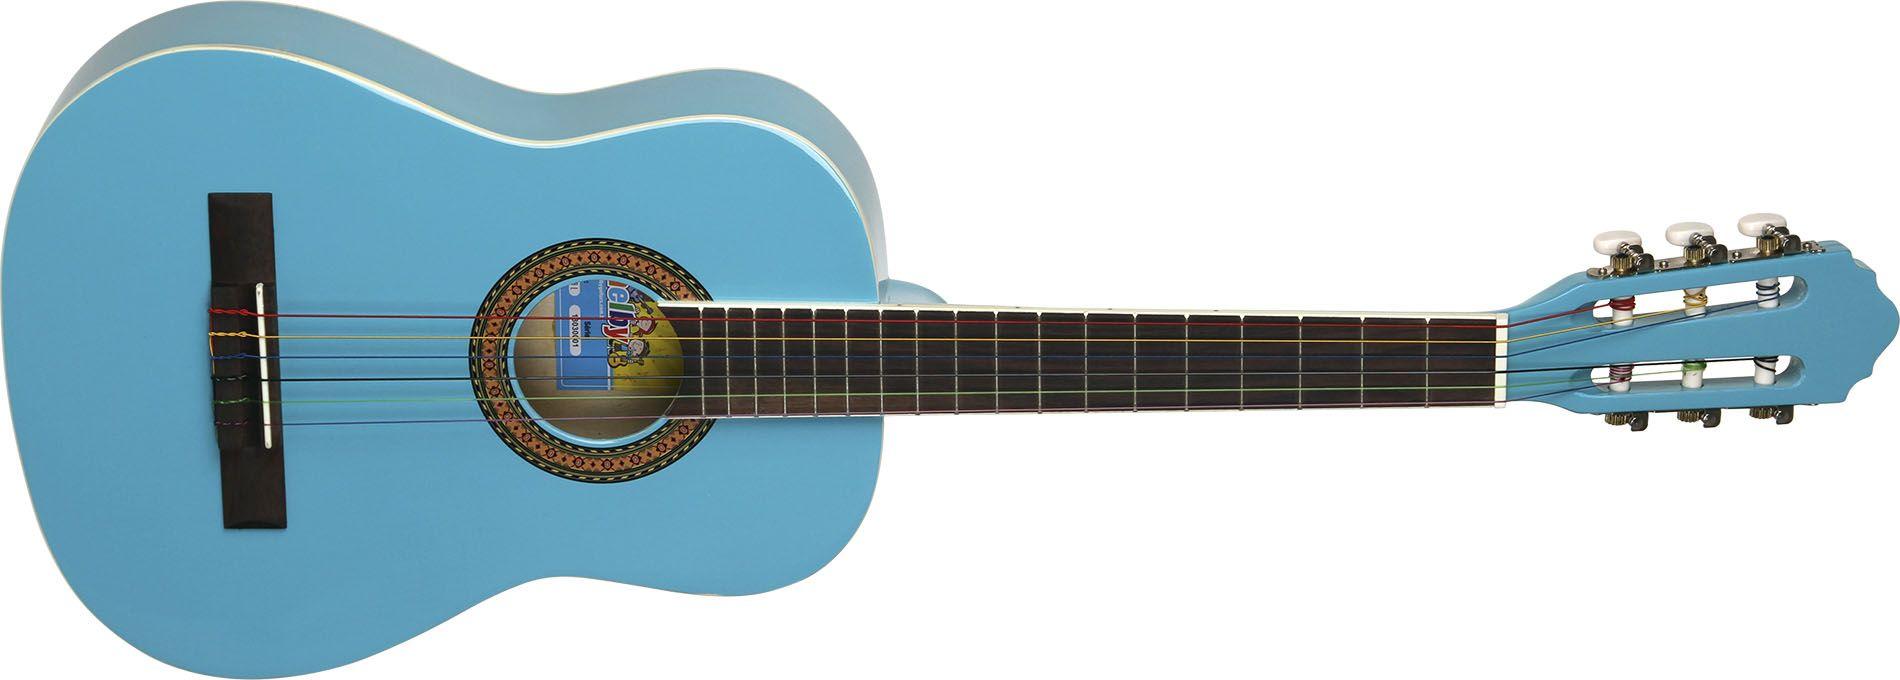 Violão Shelby Snk66 34 Nylon Clássico Acústicoinfan C/Capa Azul